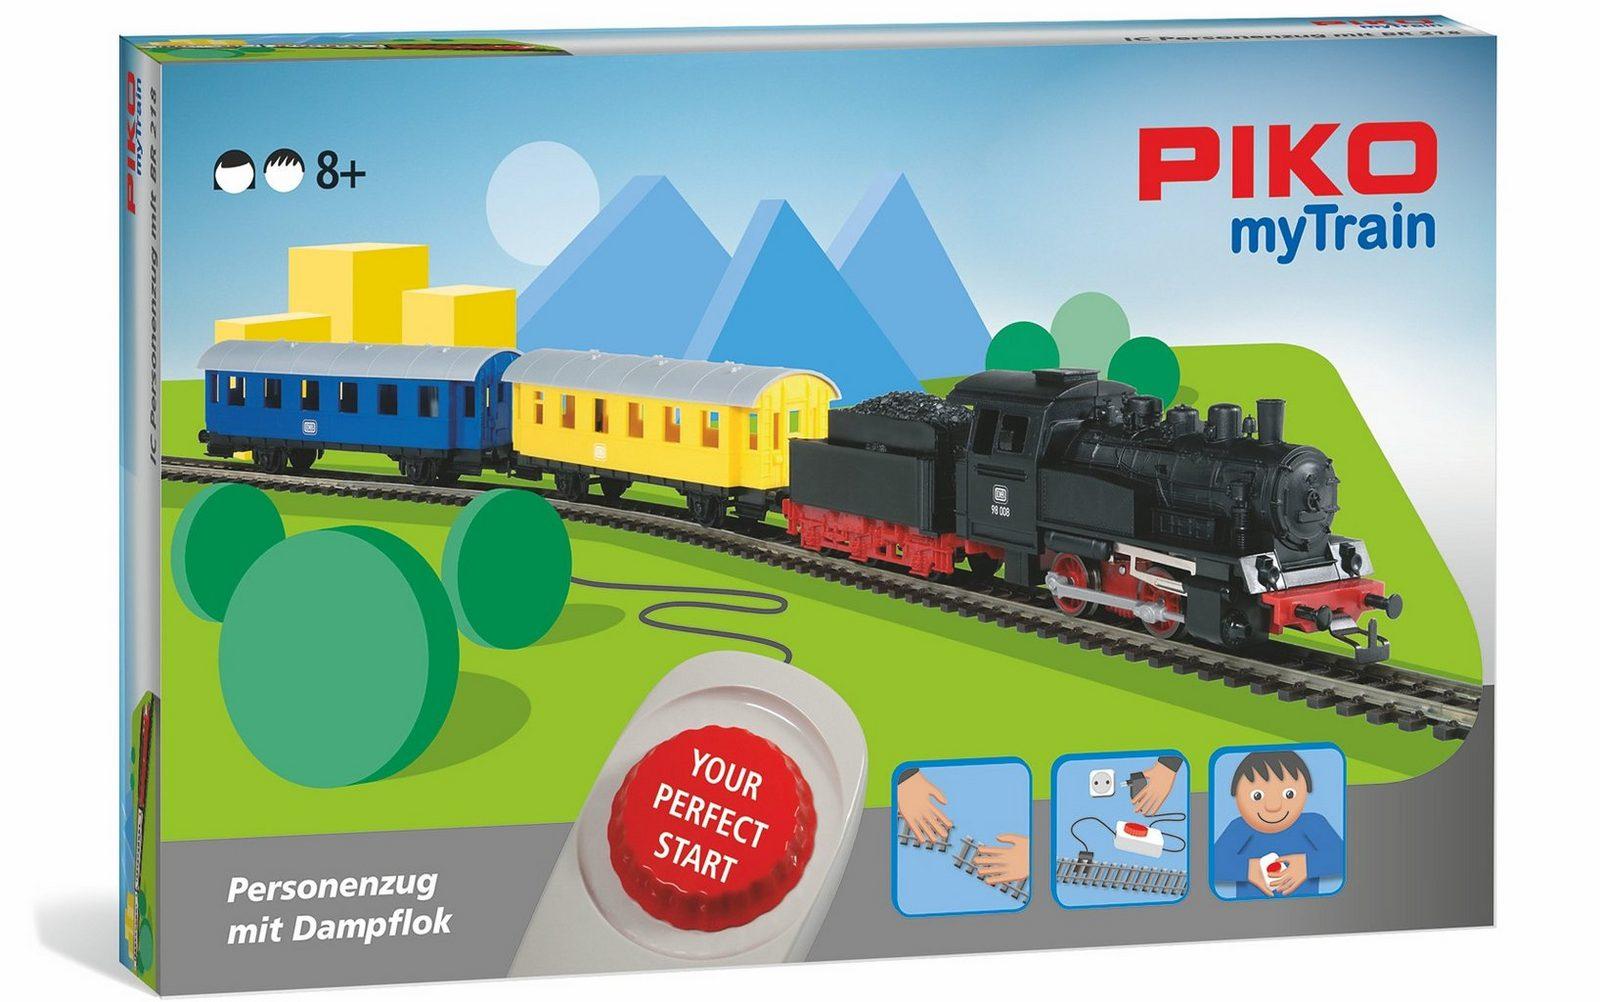 PIKO Modelleisenbahn Startset, »PIKO myTrain Set, Personenzug + Dampflok - Gleichstrom« Spur H0 - broschei